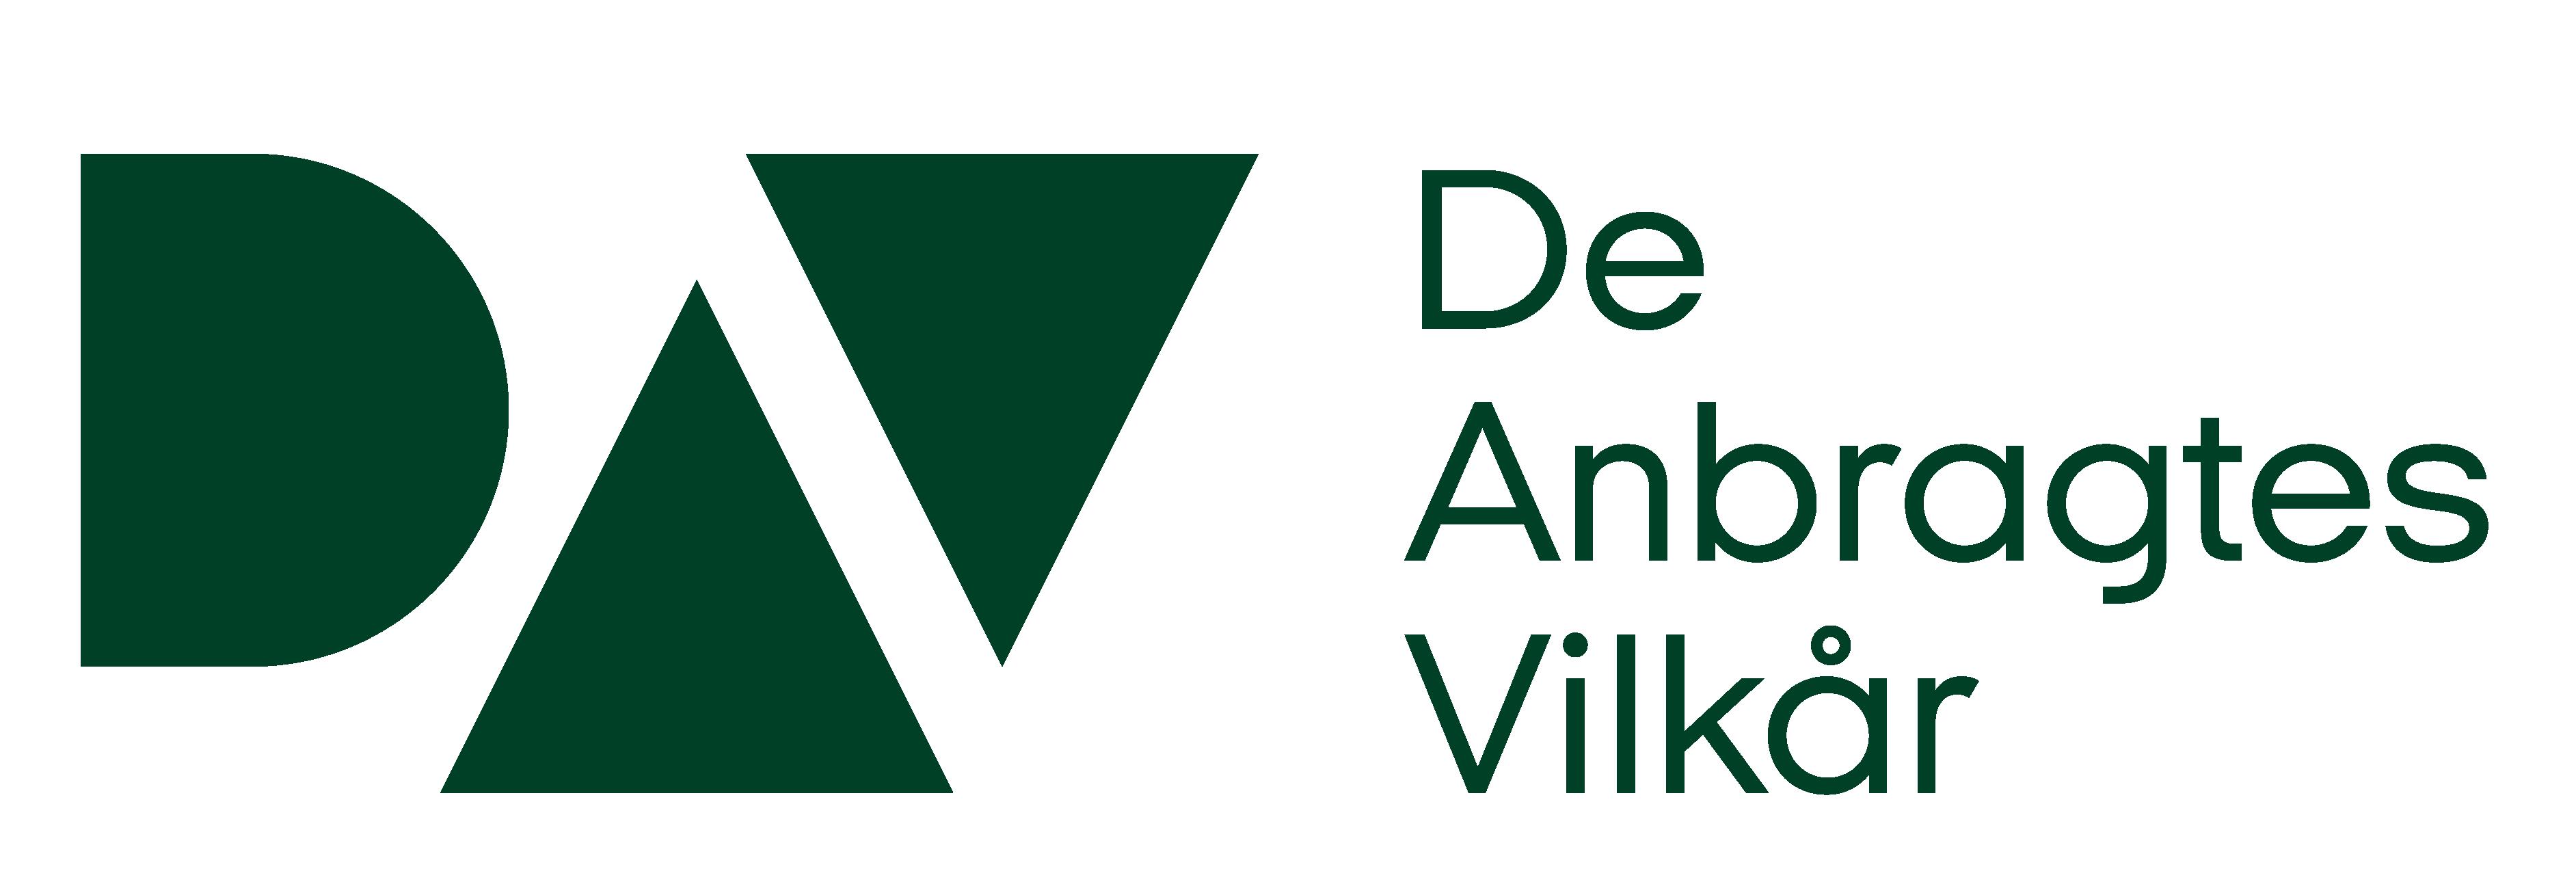 DAV, de anbragtes vilkår, logo, Baglandet københavn